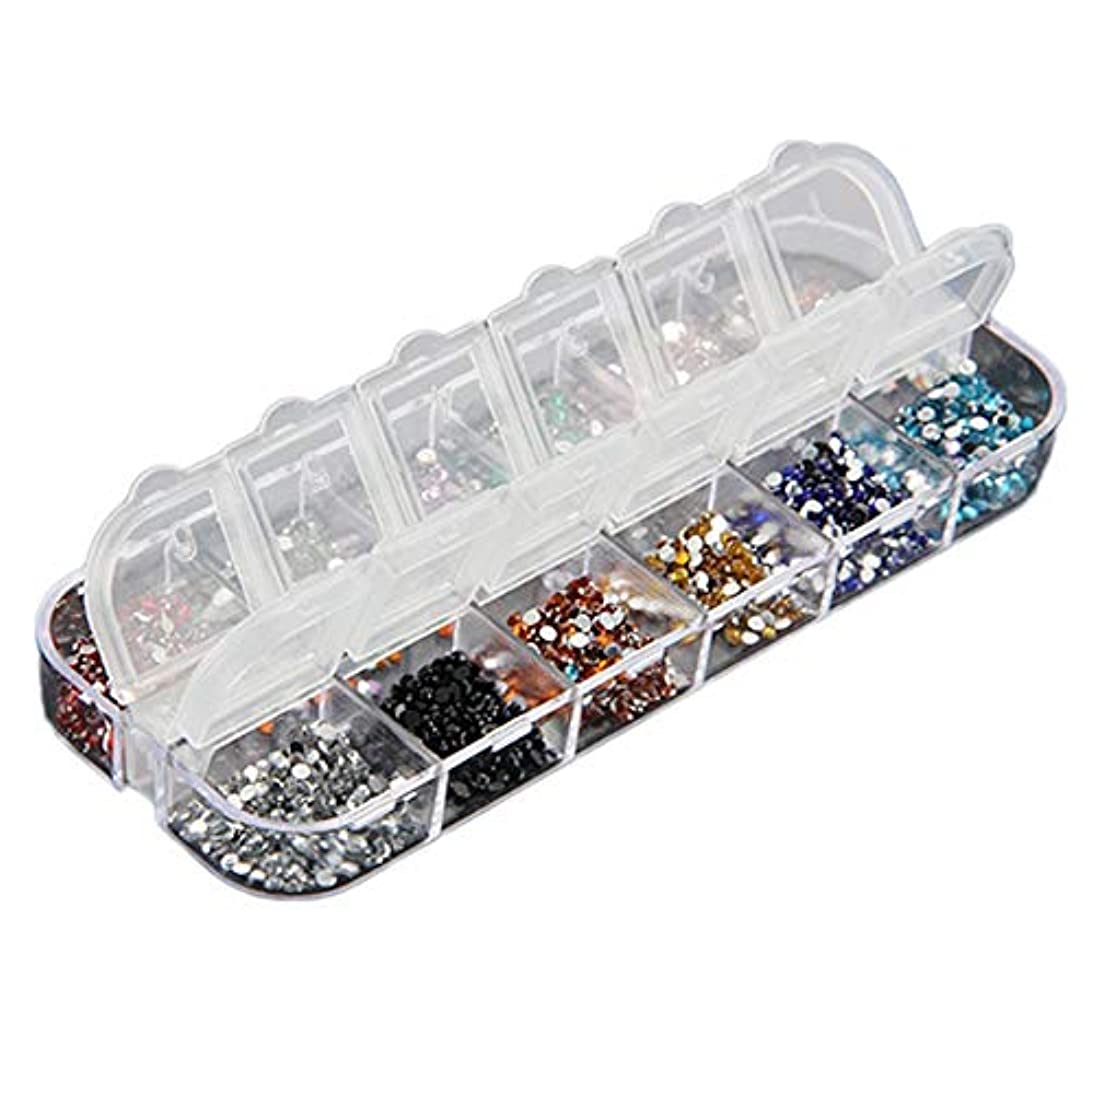 汚染された危機コンソール3000本のネイルラインストーンパックネイル12ネイルネイルカラーネイルアートデコピアス輝く宝石